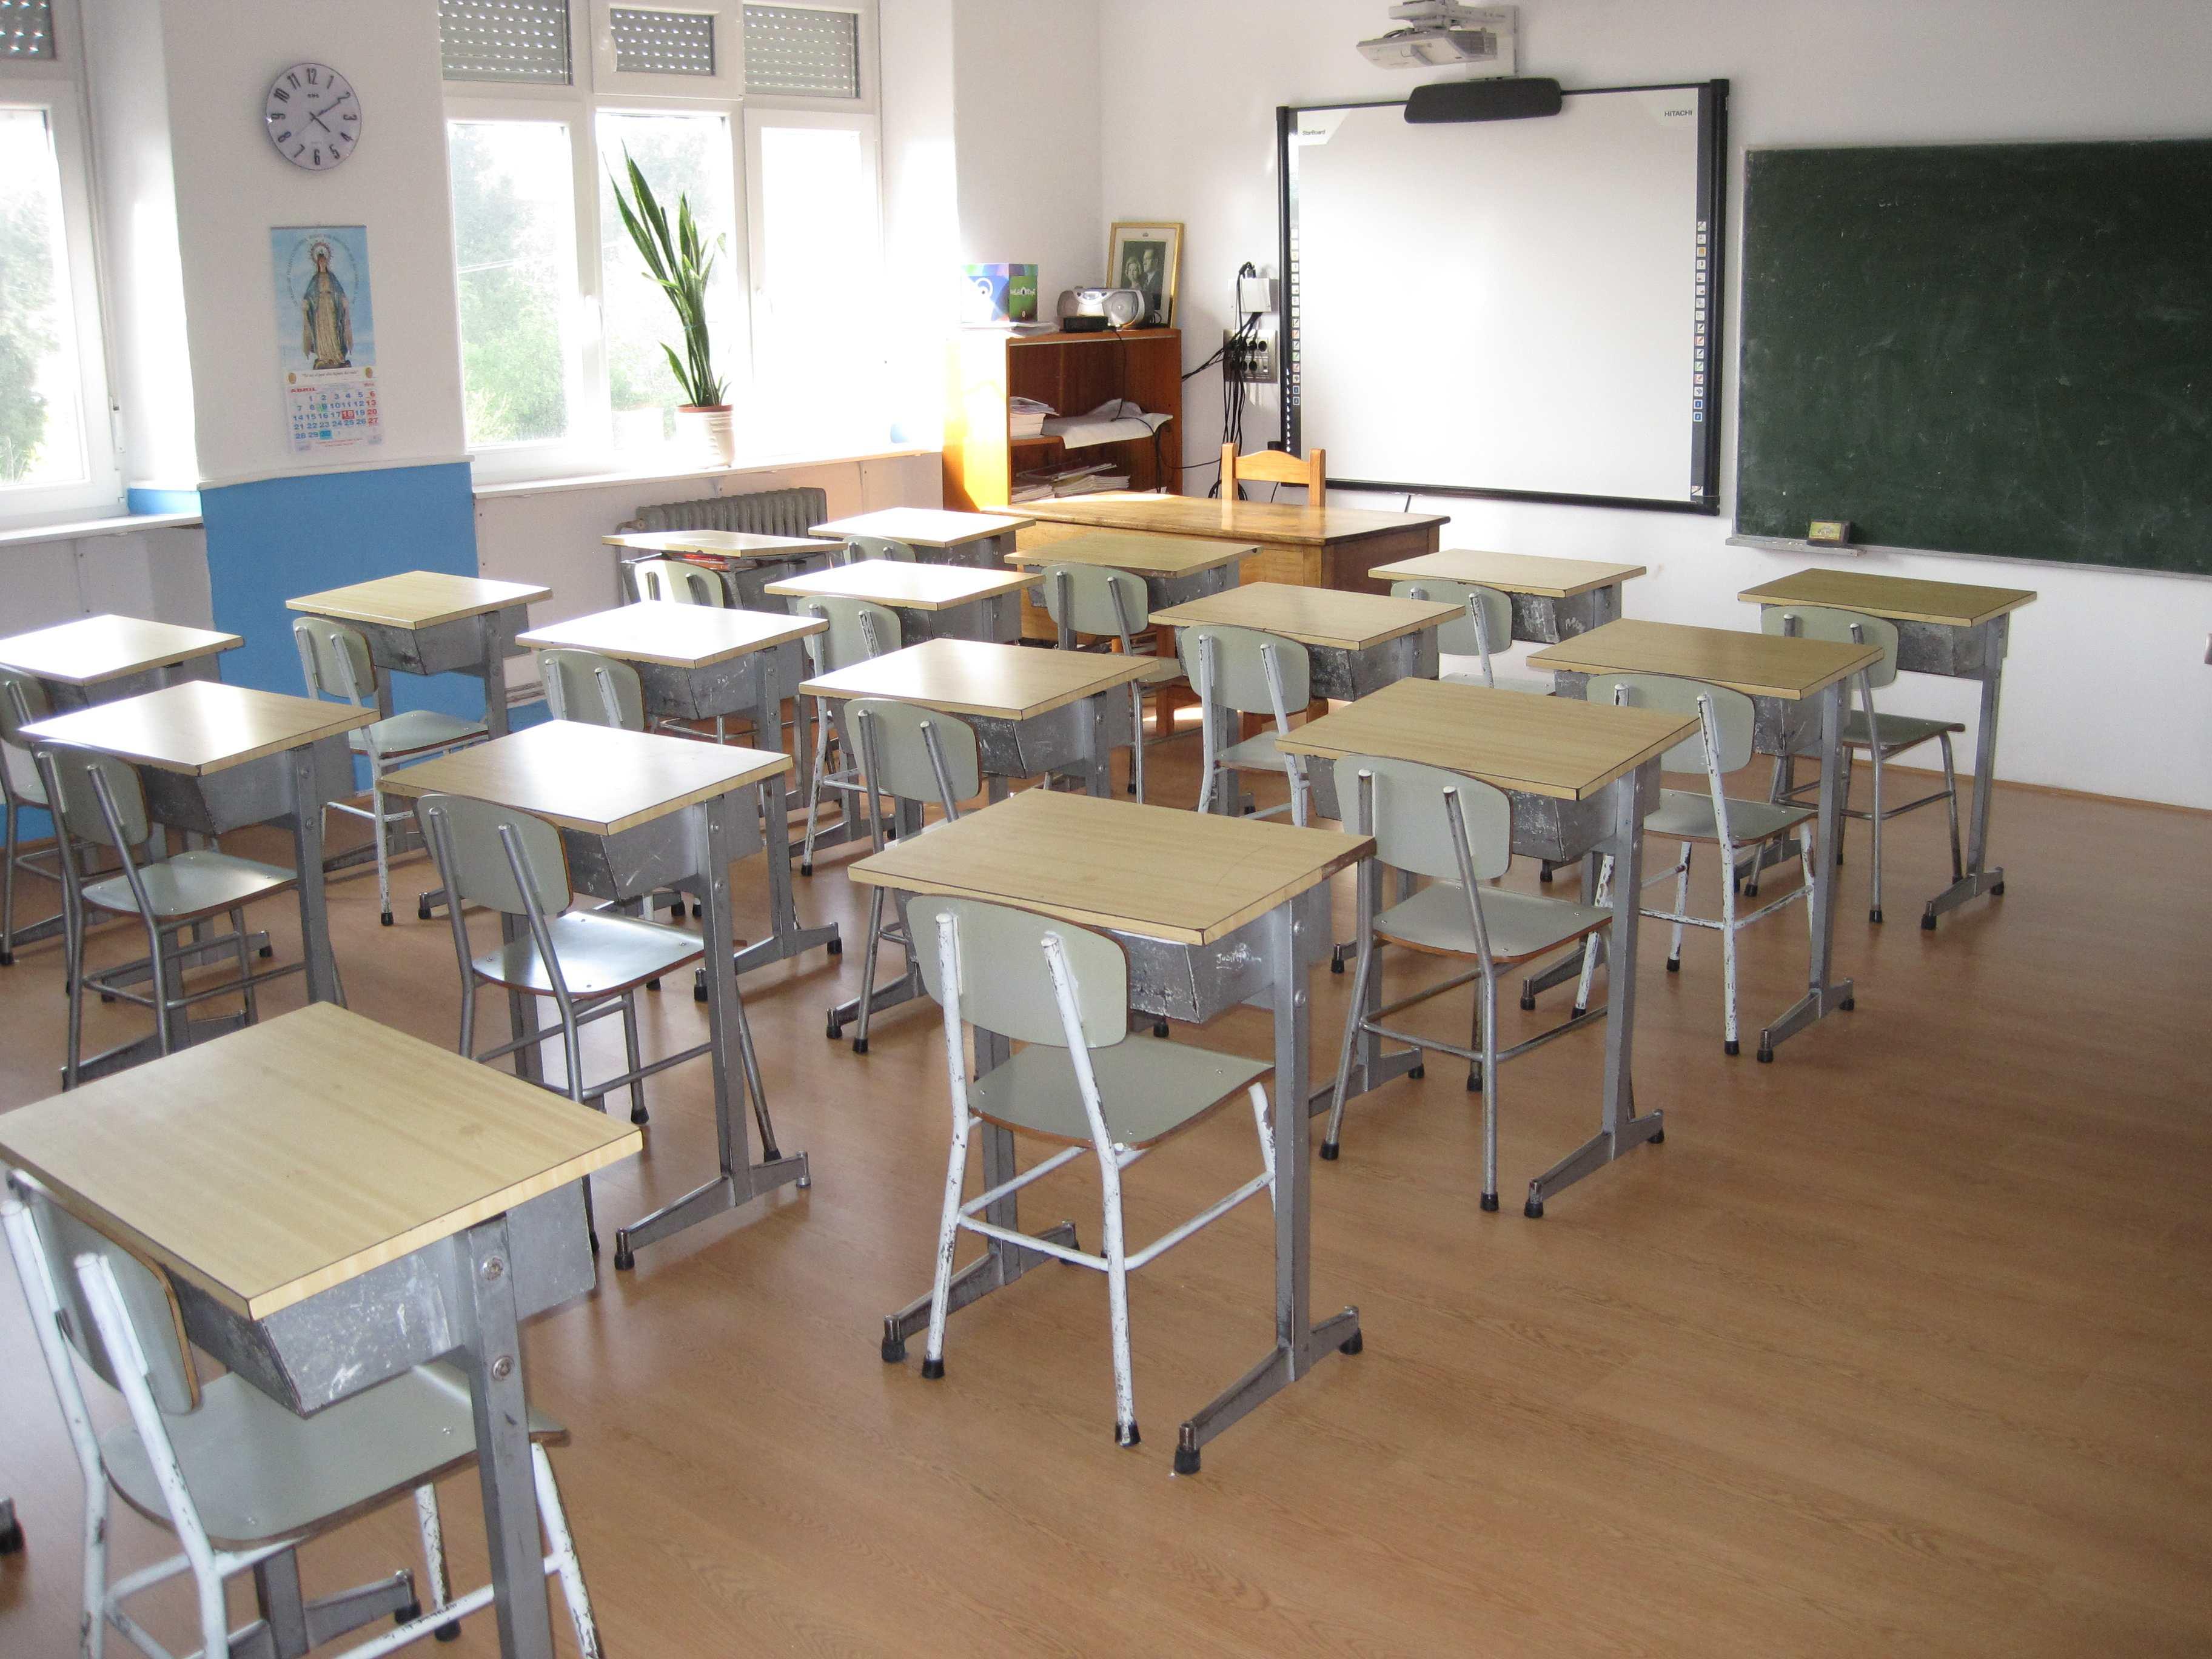 Colegios en Polanco Torrelavega Colegio la MIlagrosa 6º E. PRIMARIA